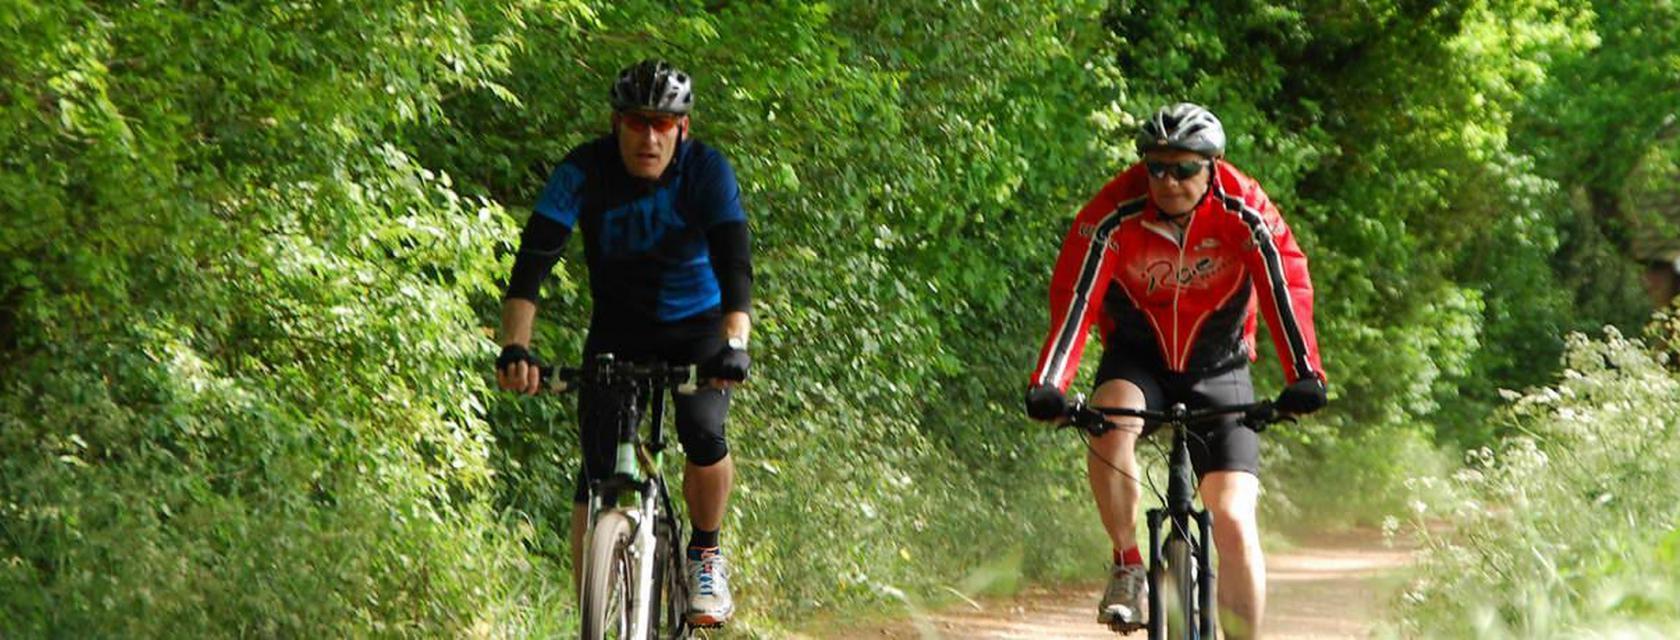 Mountainbiken bij Reuselink